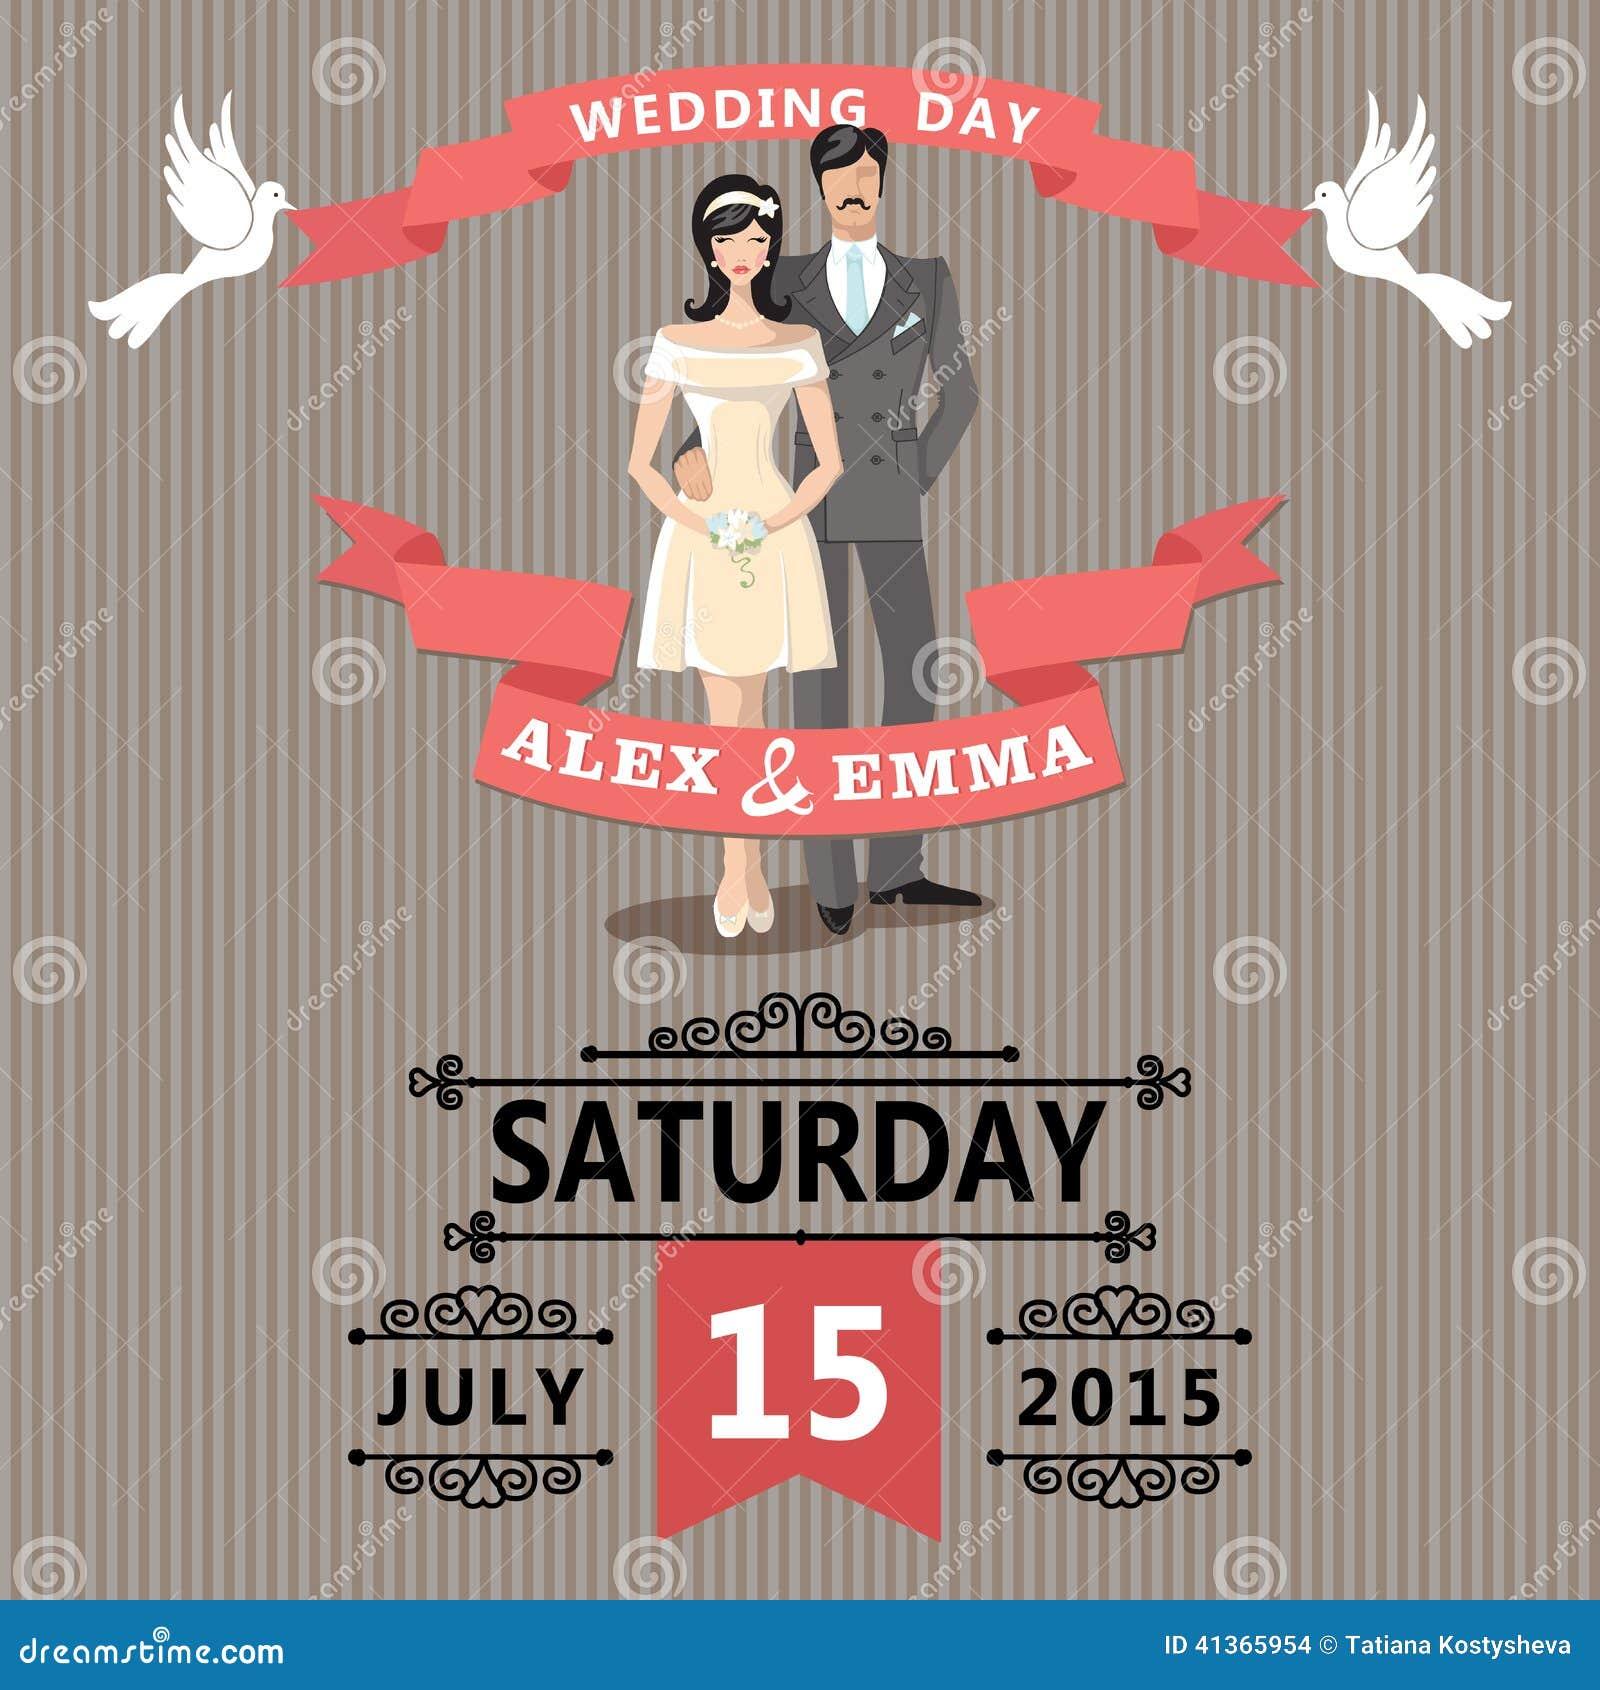 Cute Cartoon Bride And GroomRetro Wedding Invitation Stock Vector